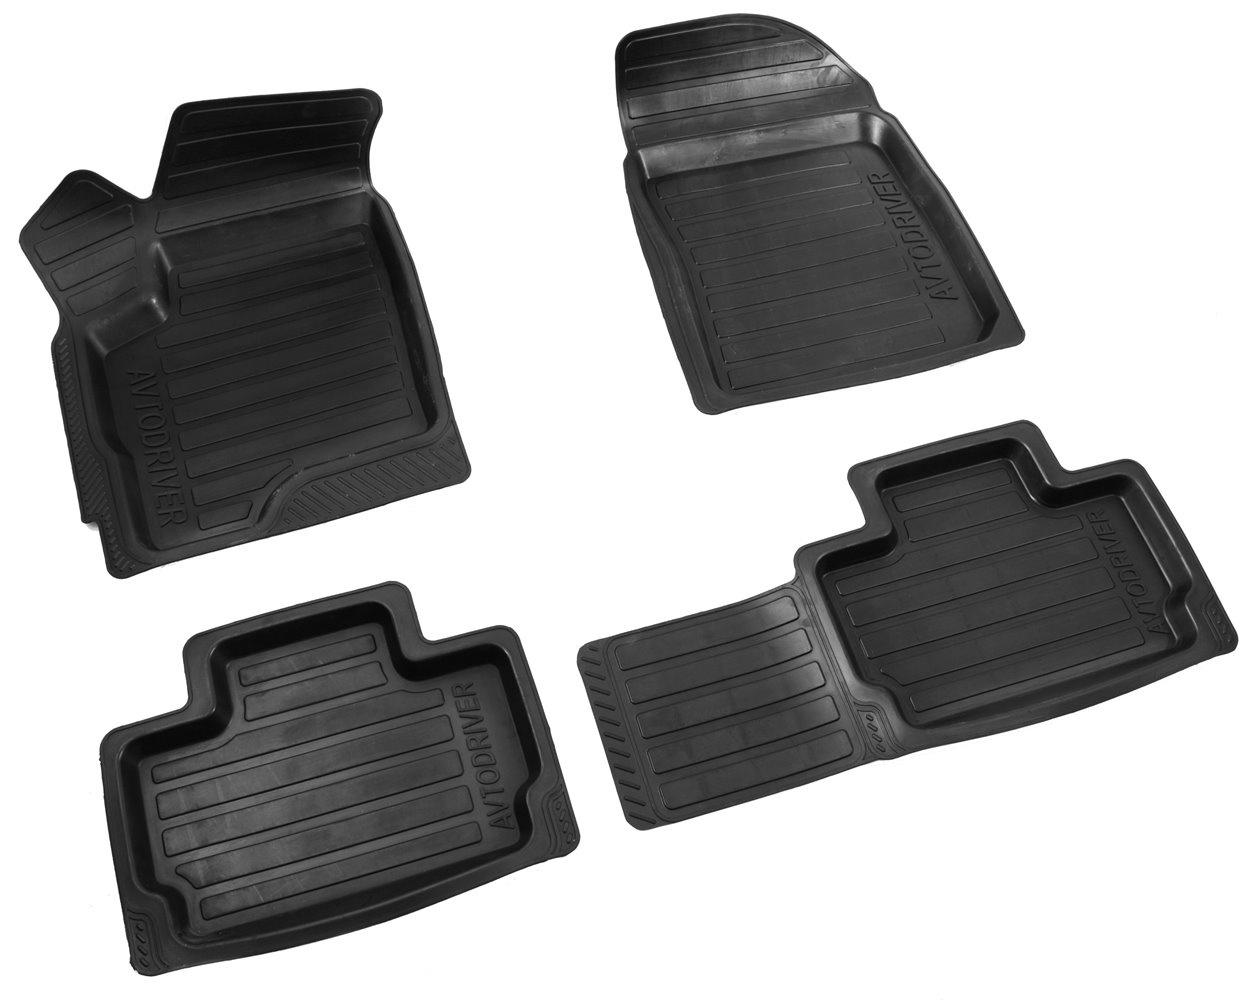 Коврики в салон автомобиля Avtodriver резиновые с бортиком для Chery Bonus (2011-2013), ADRAVG105, черный мультиварка ves sk a13 b